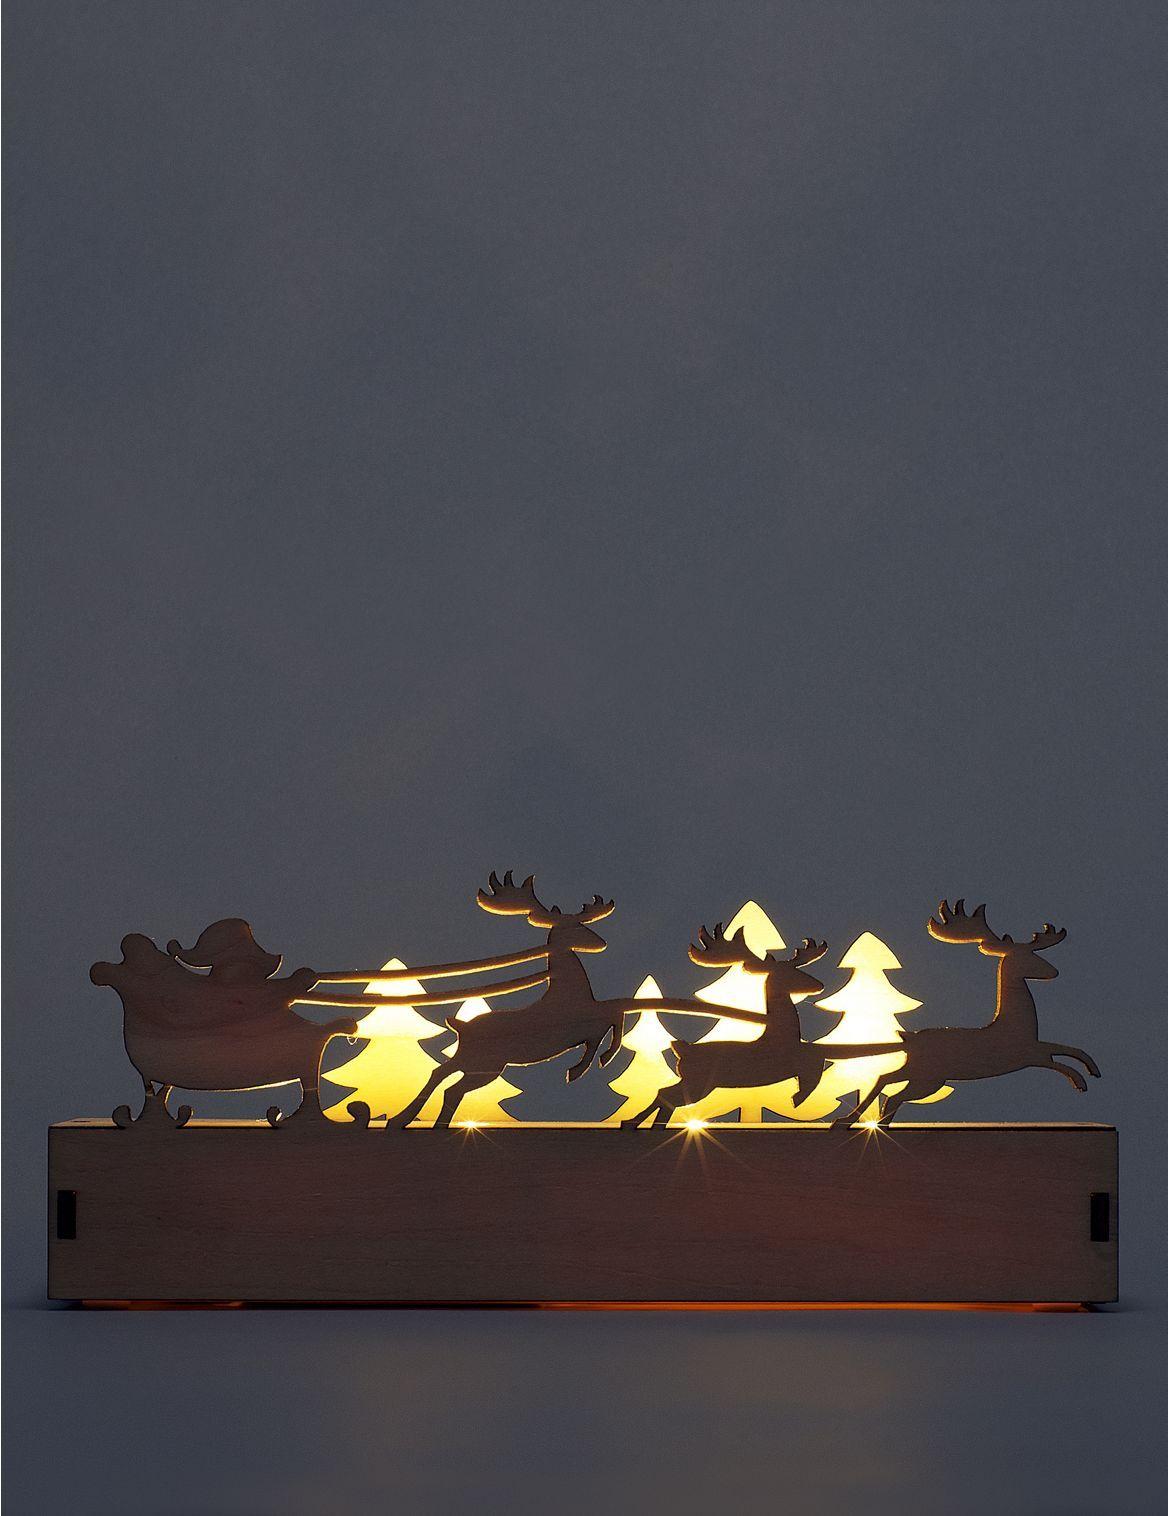 d coration de no l lumineuse en bois d coup au laser clairage led a d couvrir dans votre. Black Bedroom Furniture Sets. Home Design Ideas